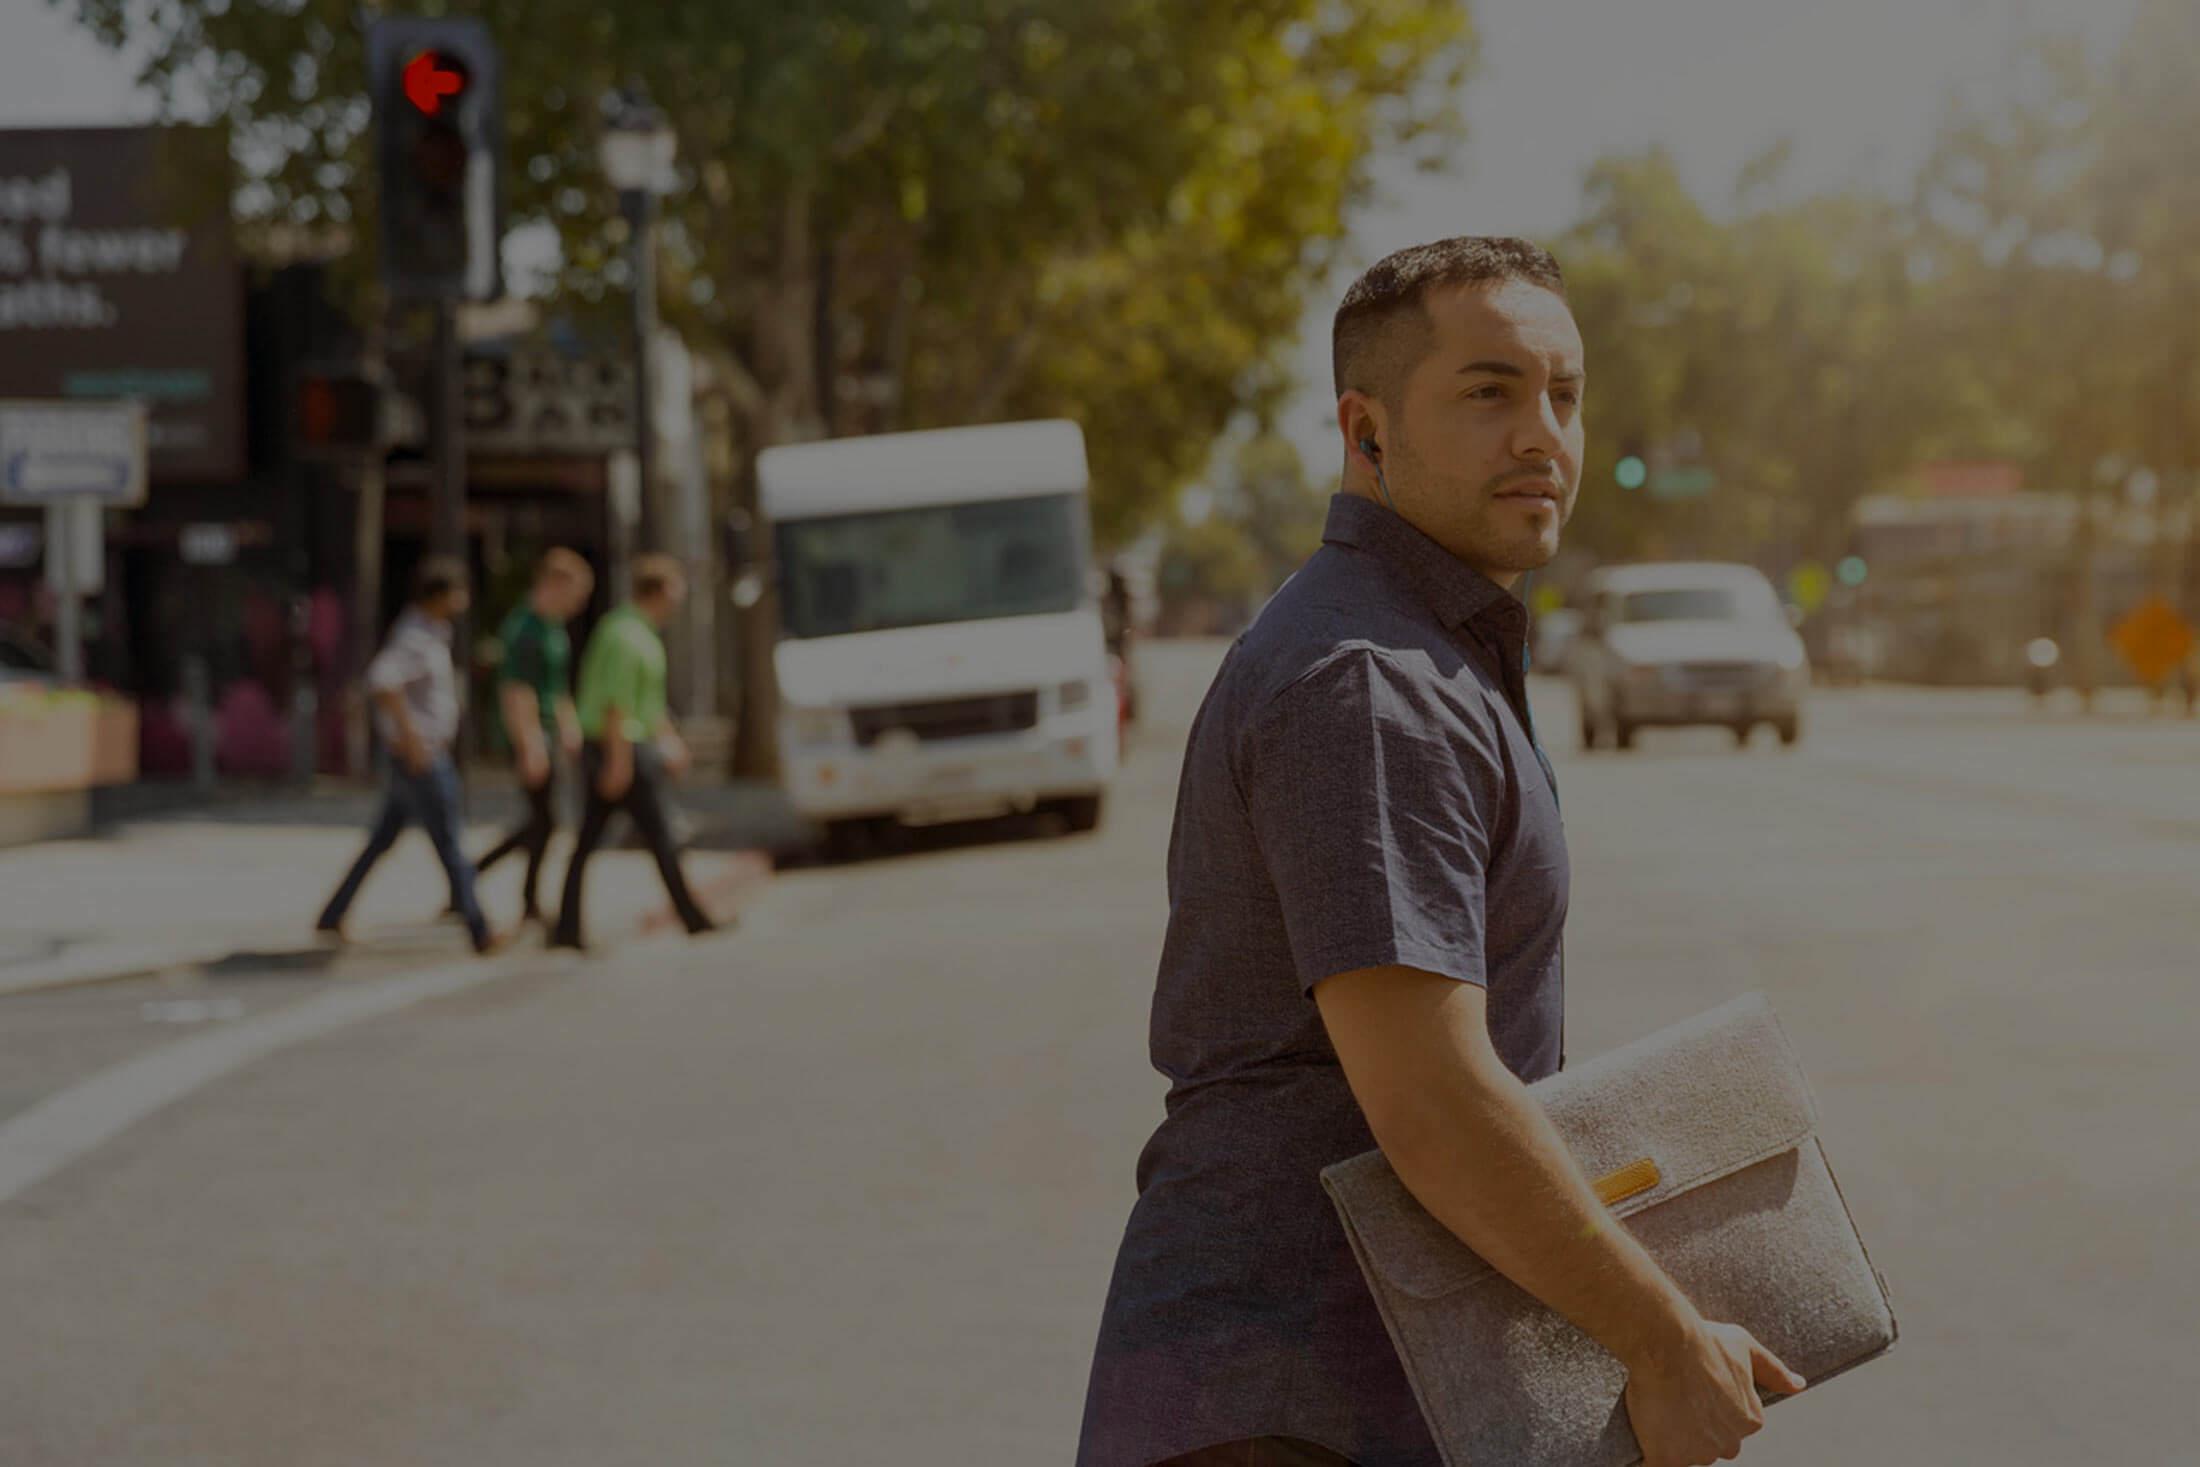 Pole emploi - offre emploi Chauffeur pl caces grue auxiliaire (H/F) - Challans